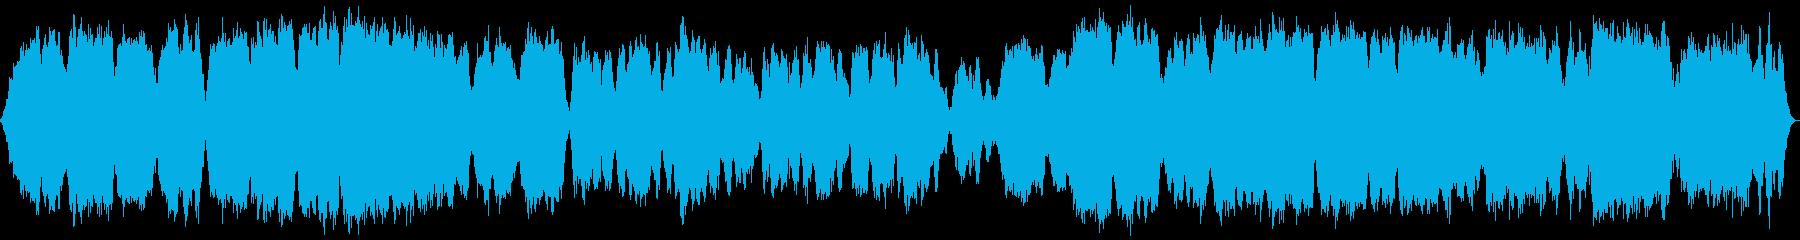 テルミン多重録音による音源ですの再生済みの波形